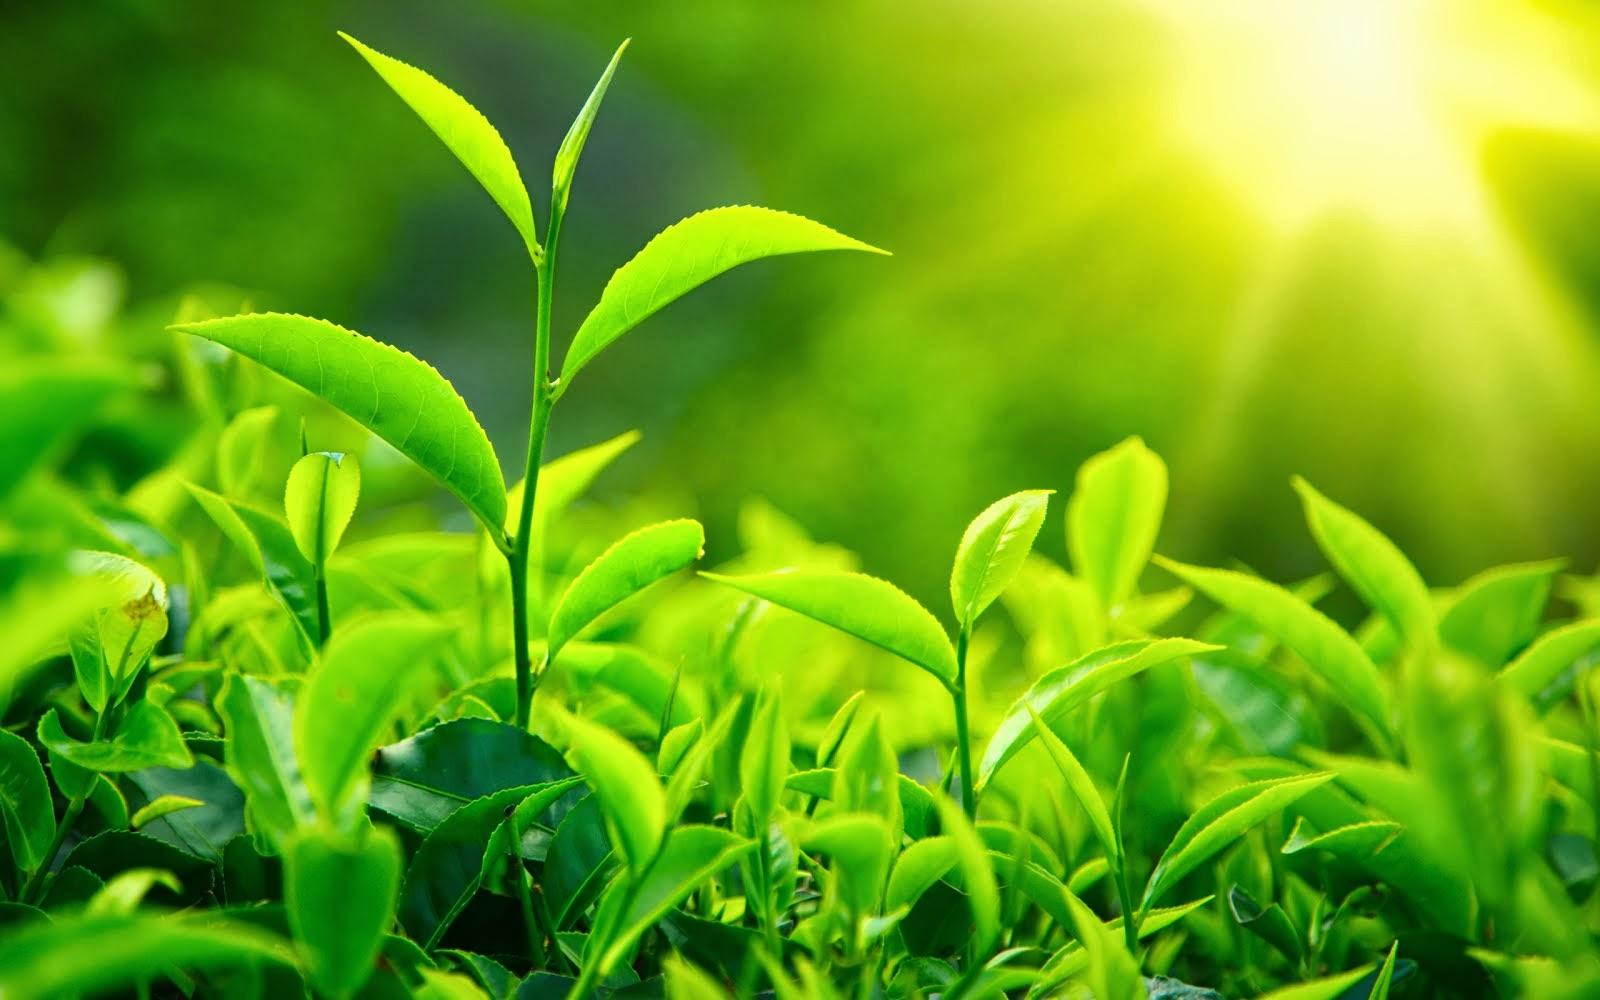 зеленый чай для похудения как употреблять